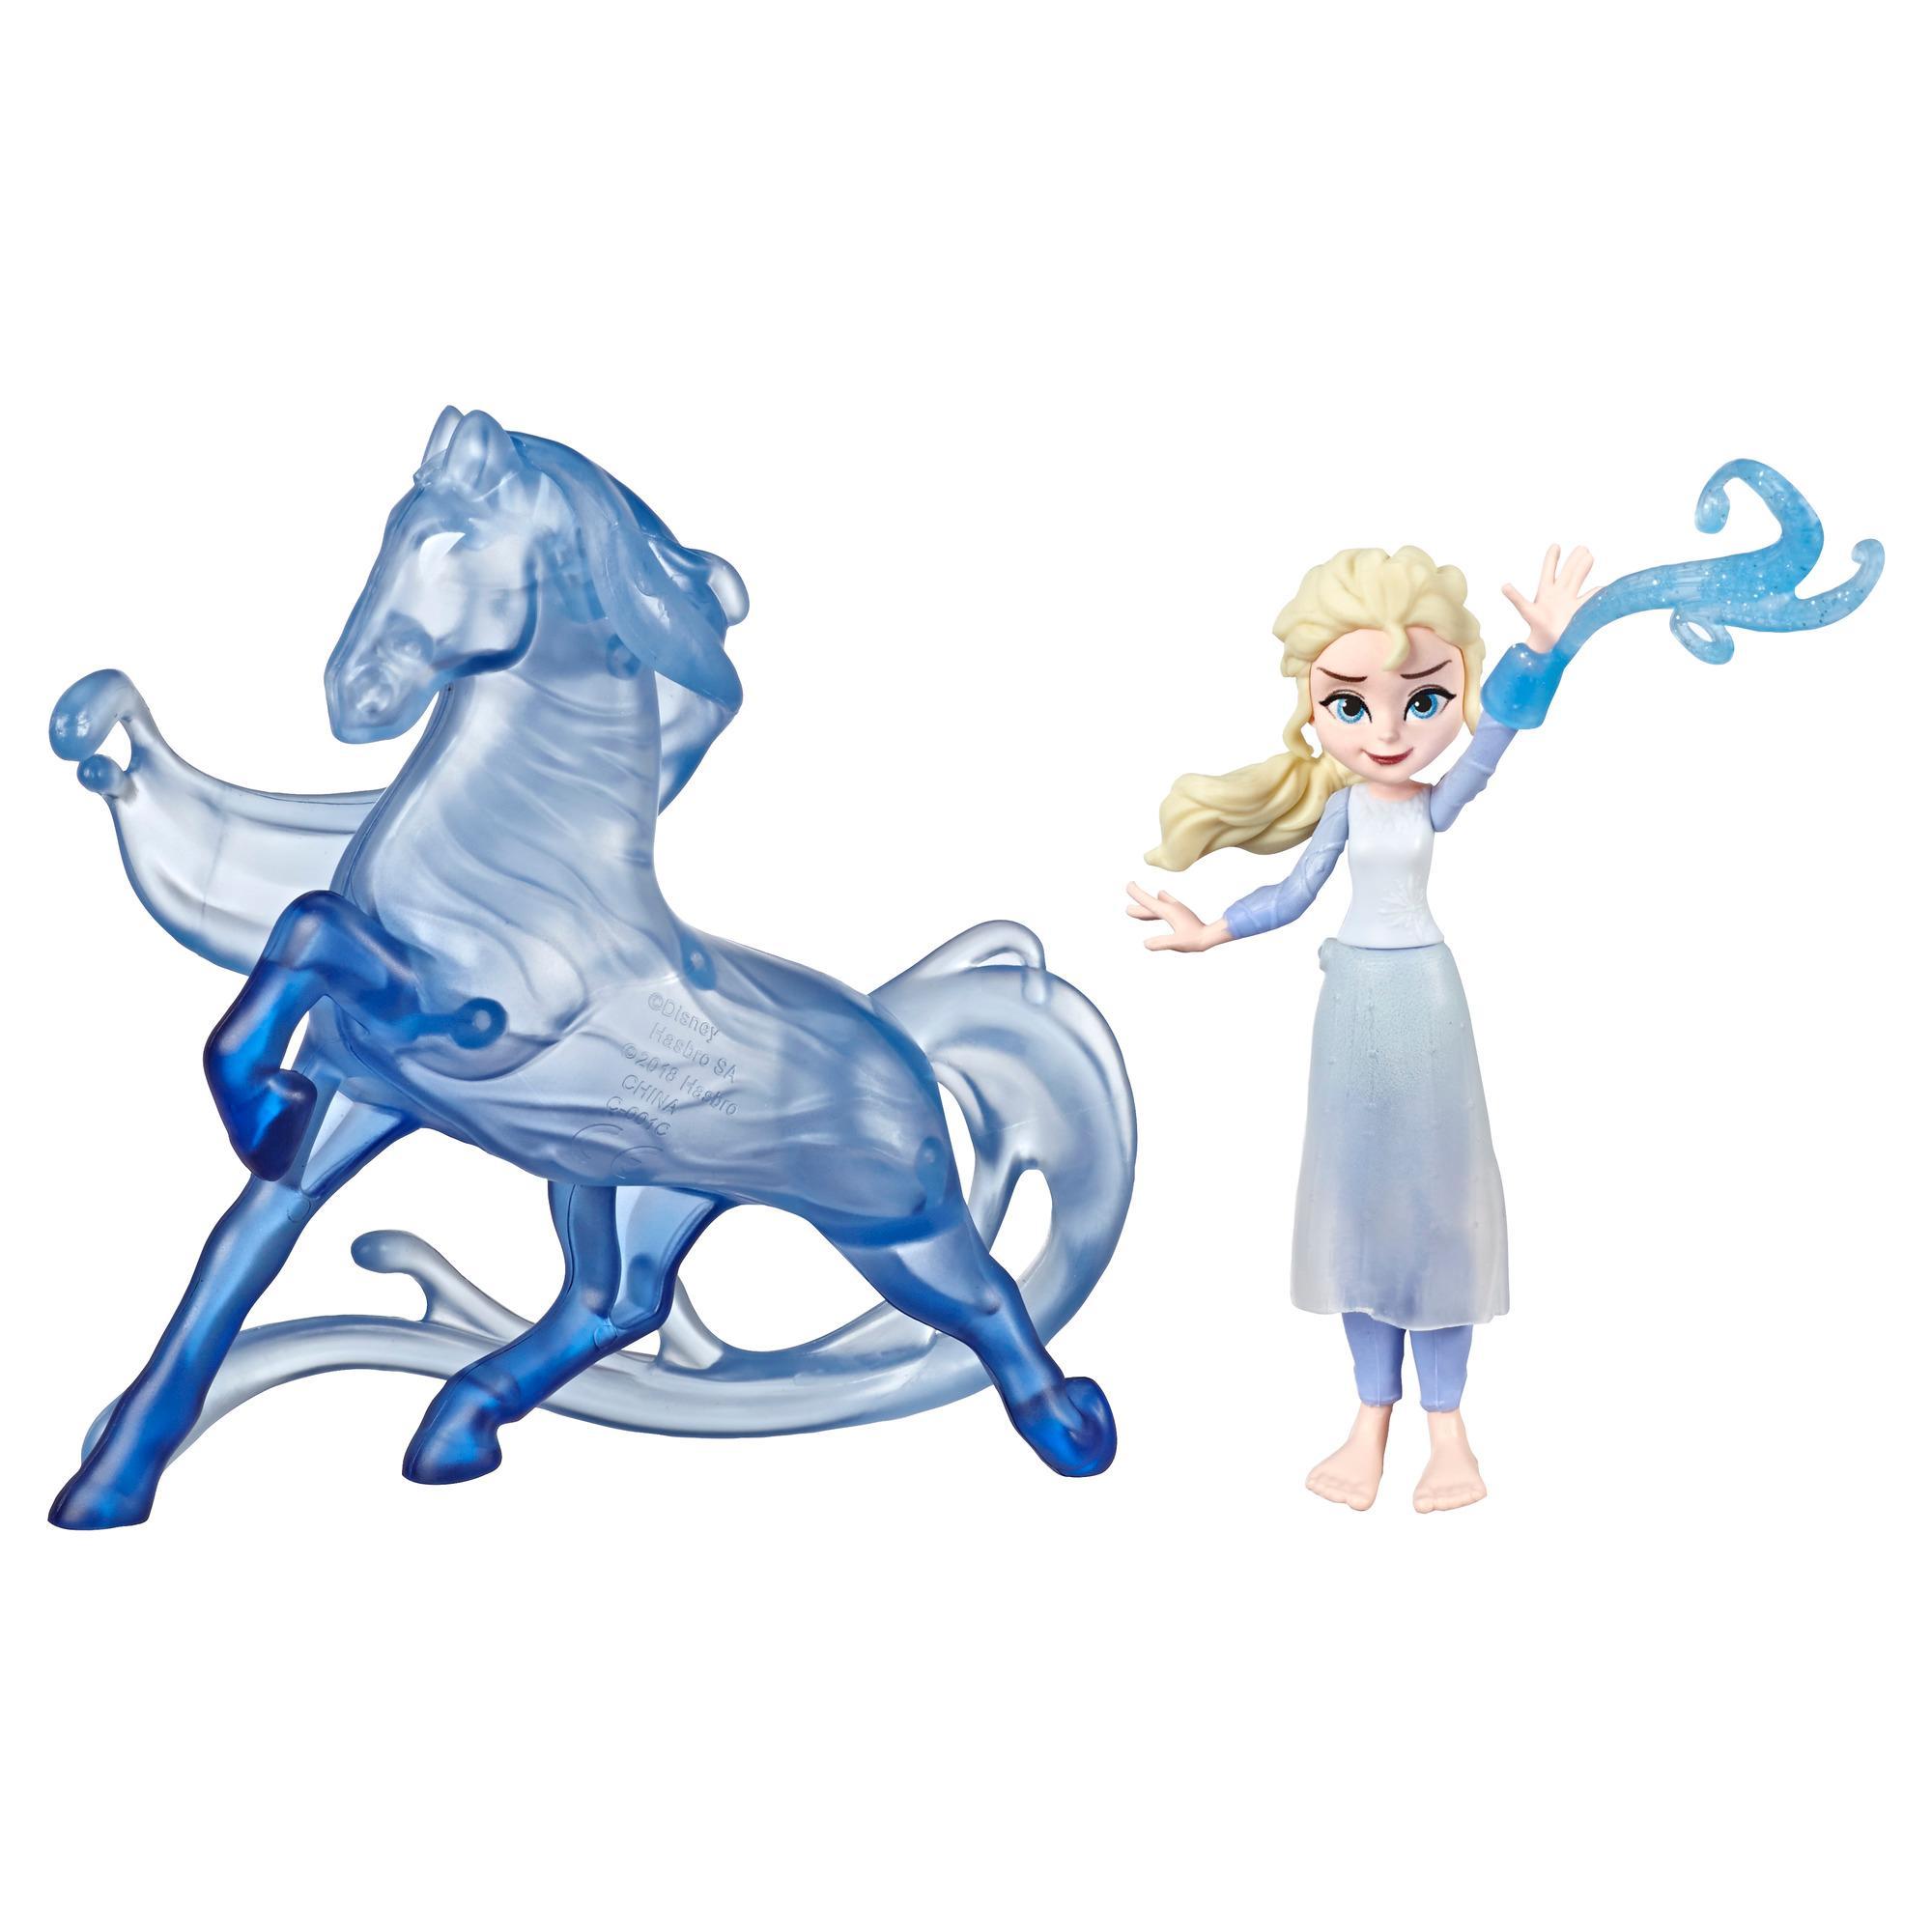 Disney Die Eiskönigin kleine Elsa Puppe und Nokk Figur, inspiriert durch Disneys Die Eiskönigin 2